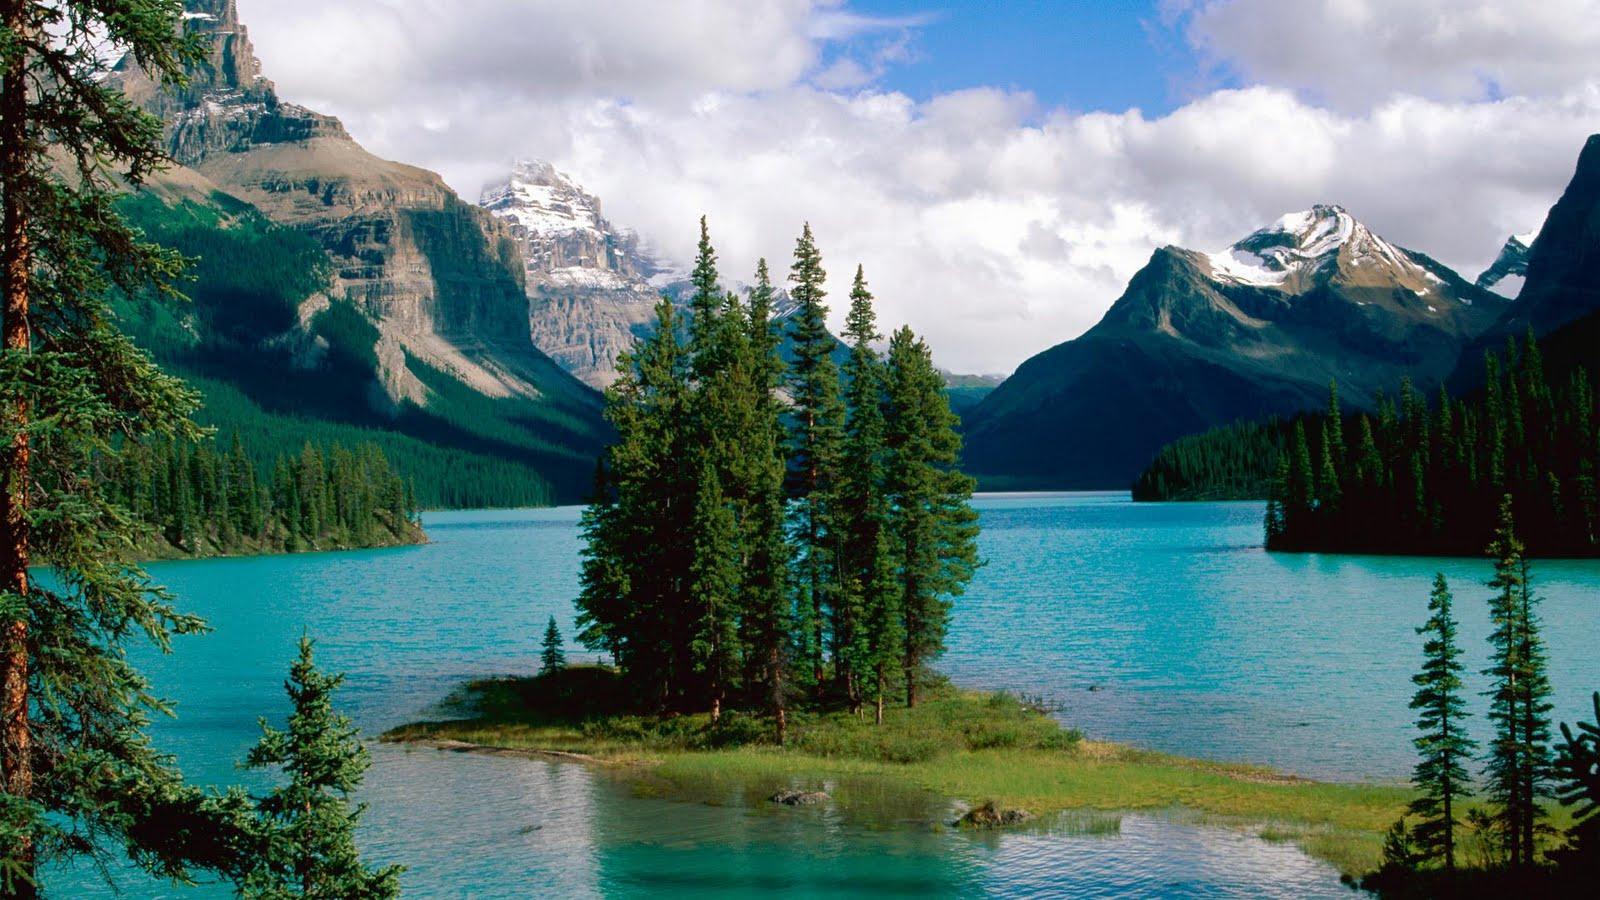 Lago en el Parque Nacional de Alberta Canadá (1920x1080px)